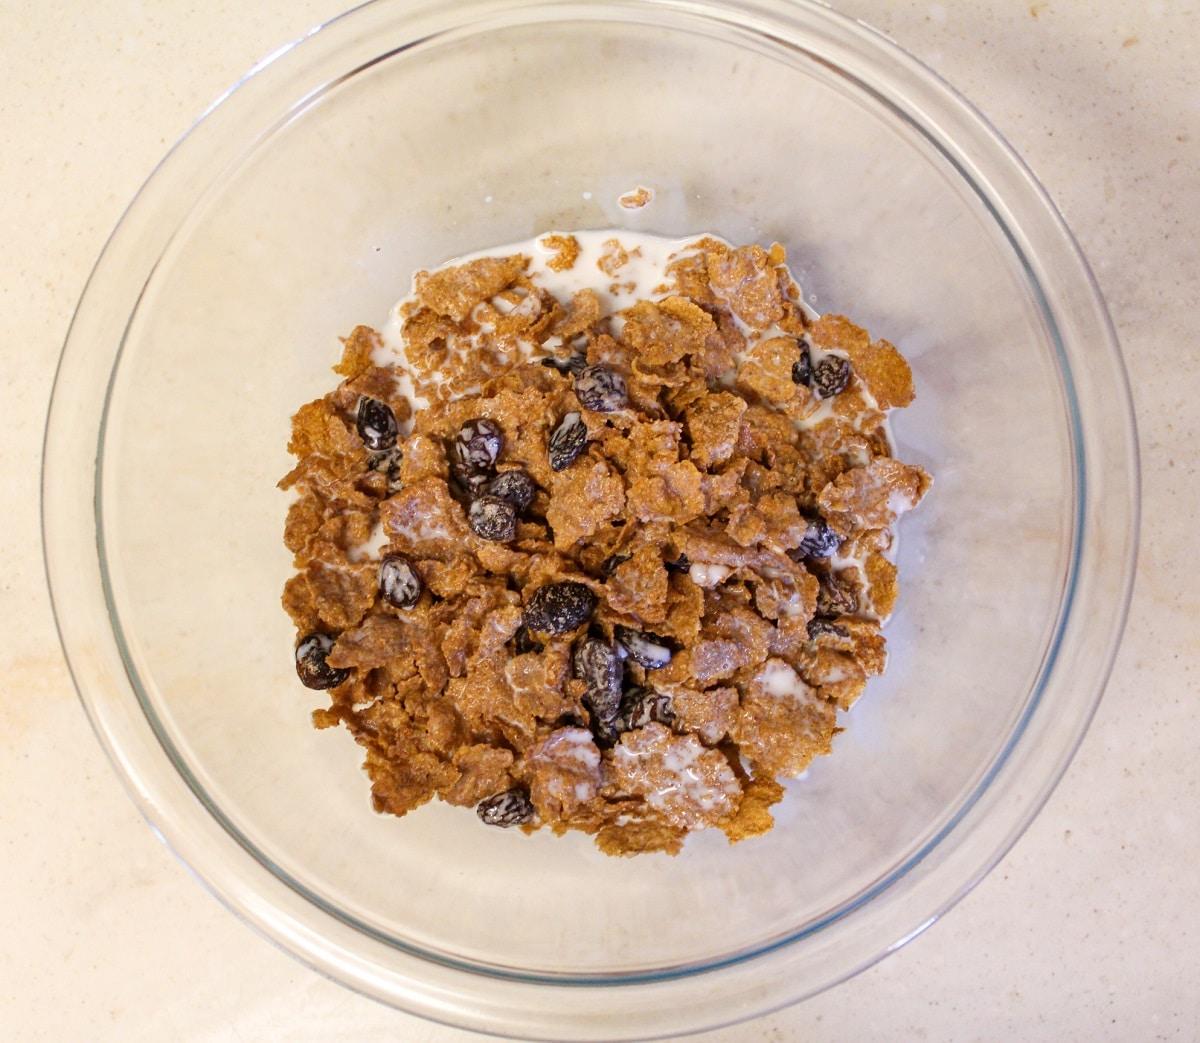 raisin bran with milk